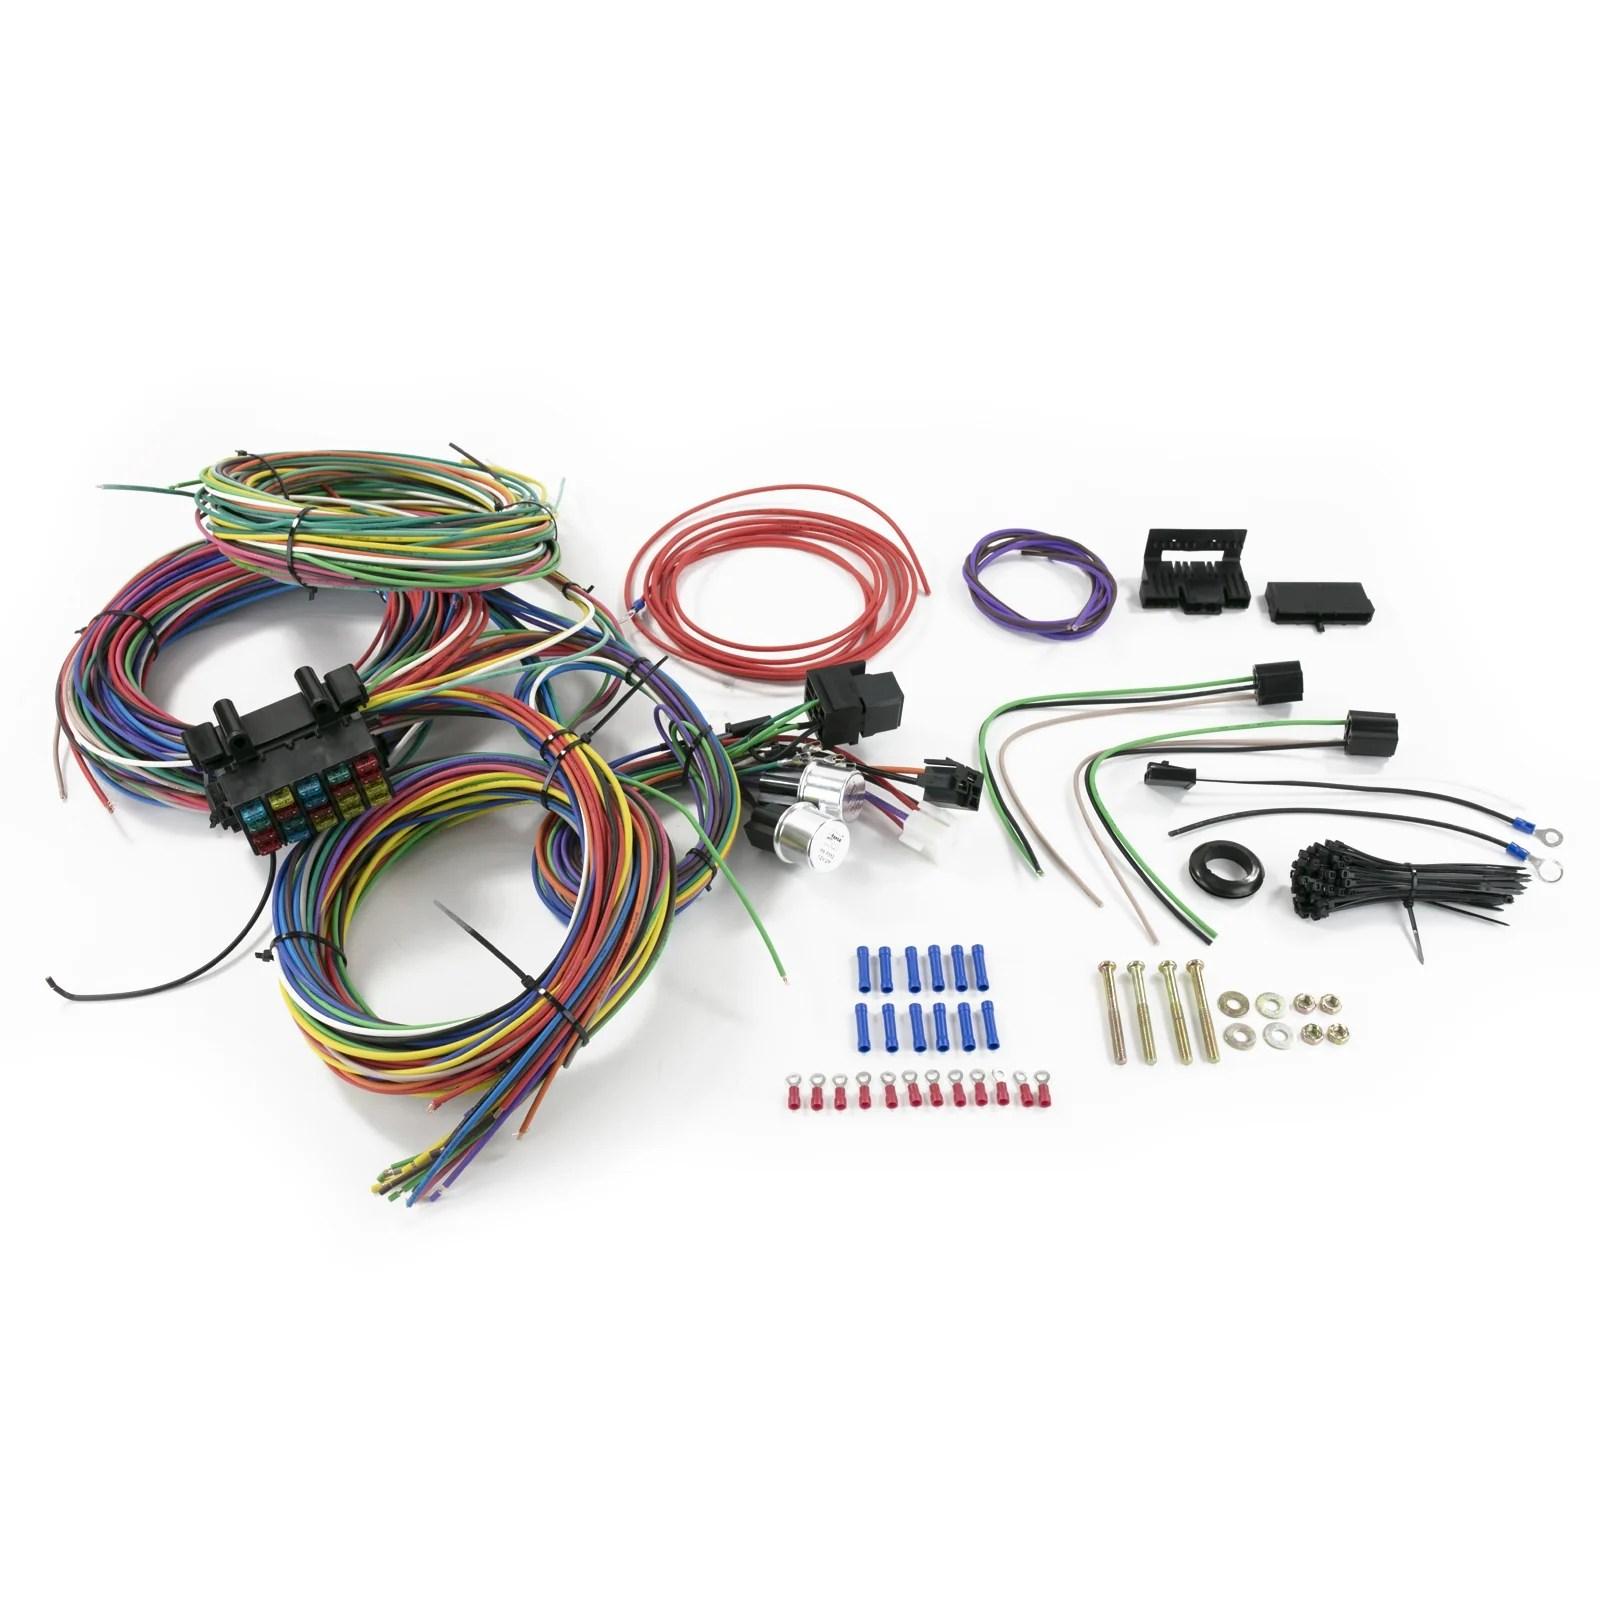 wiring harness universal 240z 260z 280z 510 z car depot 280z ez wiring harness 280z wiring harness [ 1600 x 1600 Pixel ]